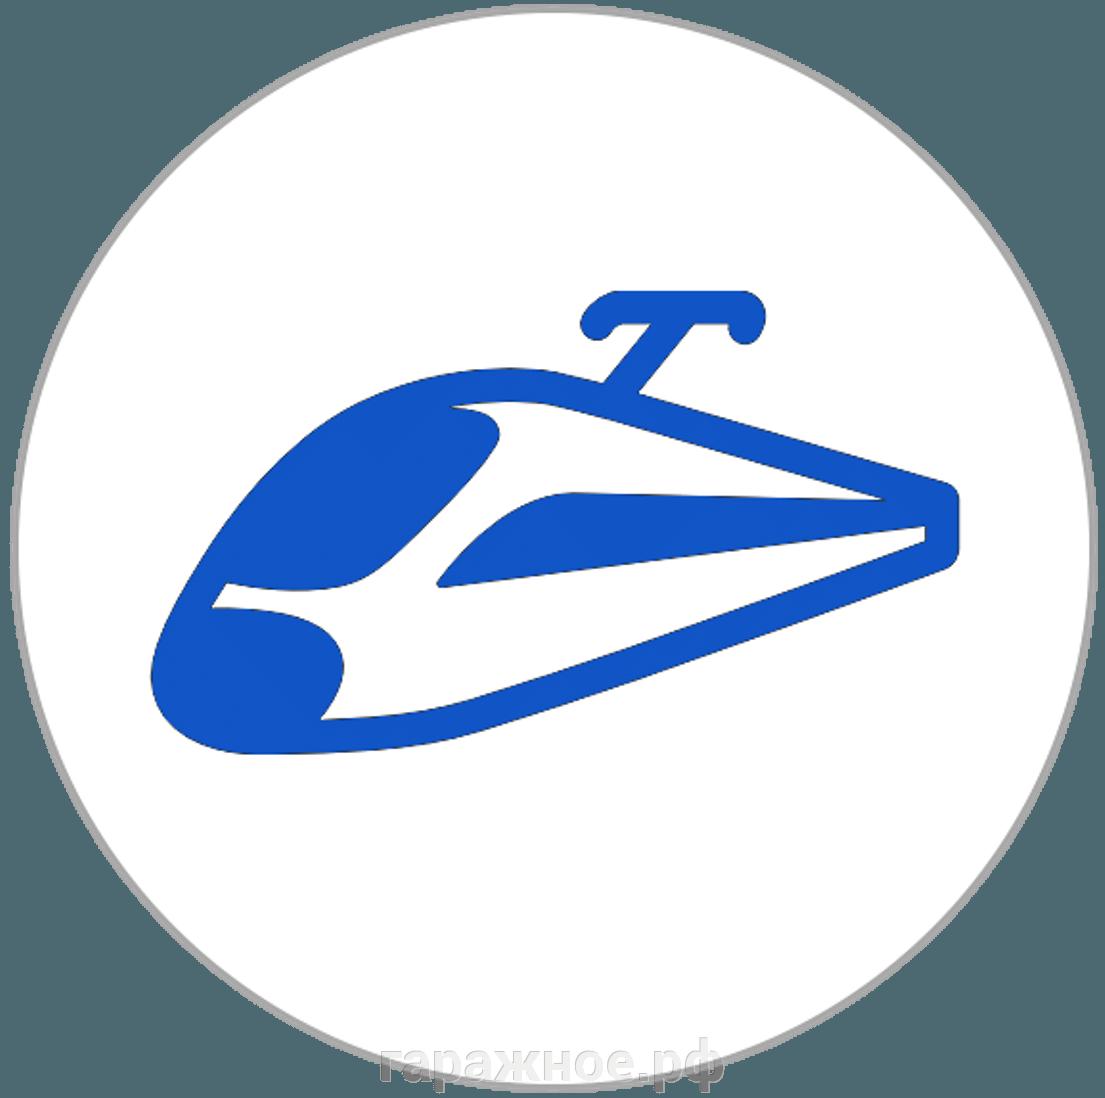 Пускозарядное железнодорожная техника